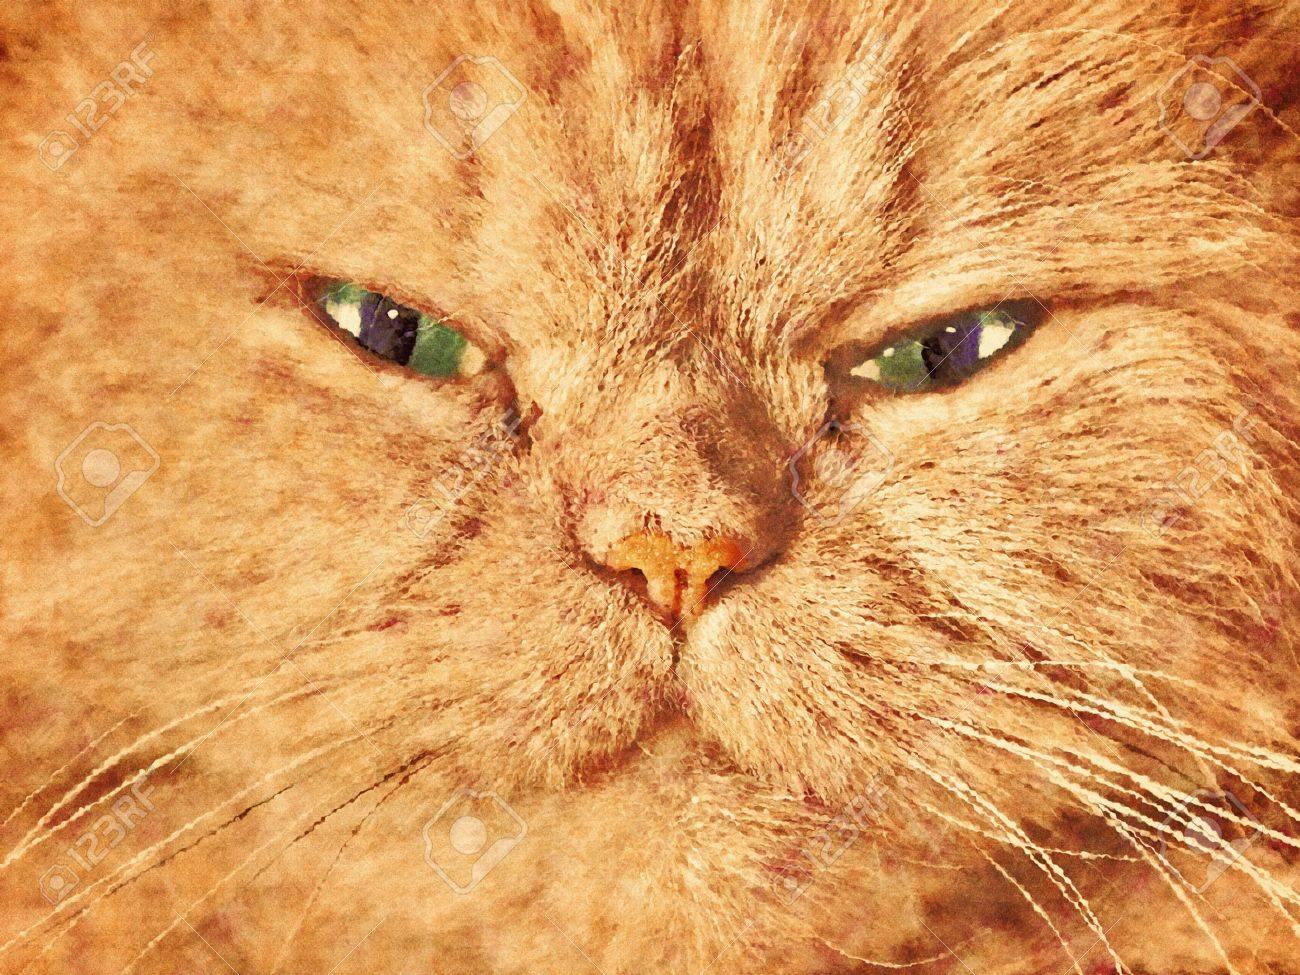 Cute Cat Face Close Up Portrait Painted Canvas Effect Stock